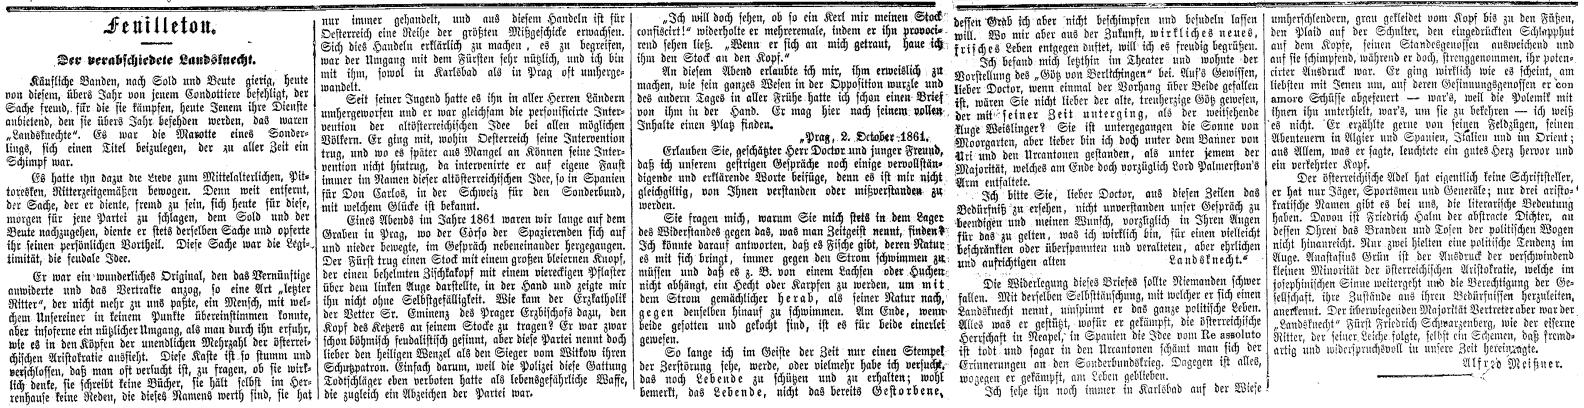 """O významu lancknechtově svědčí výmluvně i další nekrolog, který """"pod čarou"""" zveřejnil na prvé a druhé straně vídeňského listu """"Die Presse"""" 16. března roku 1870 Alfred Meissner"""